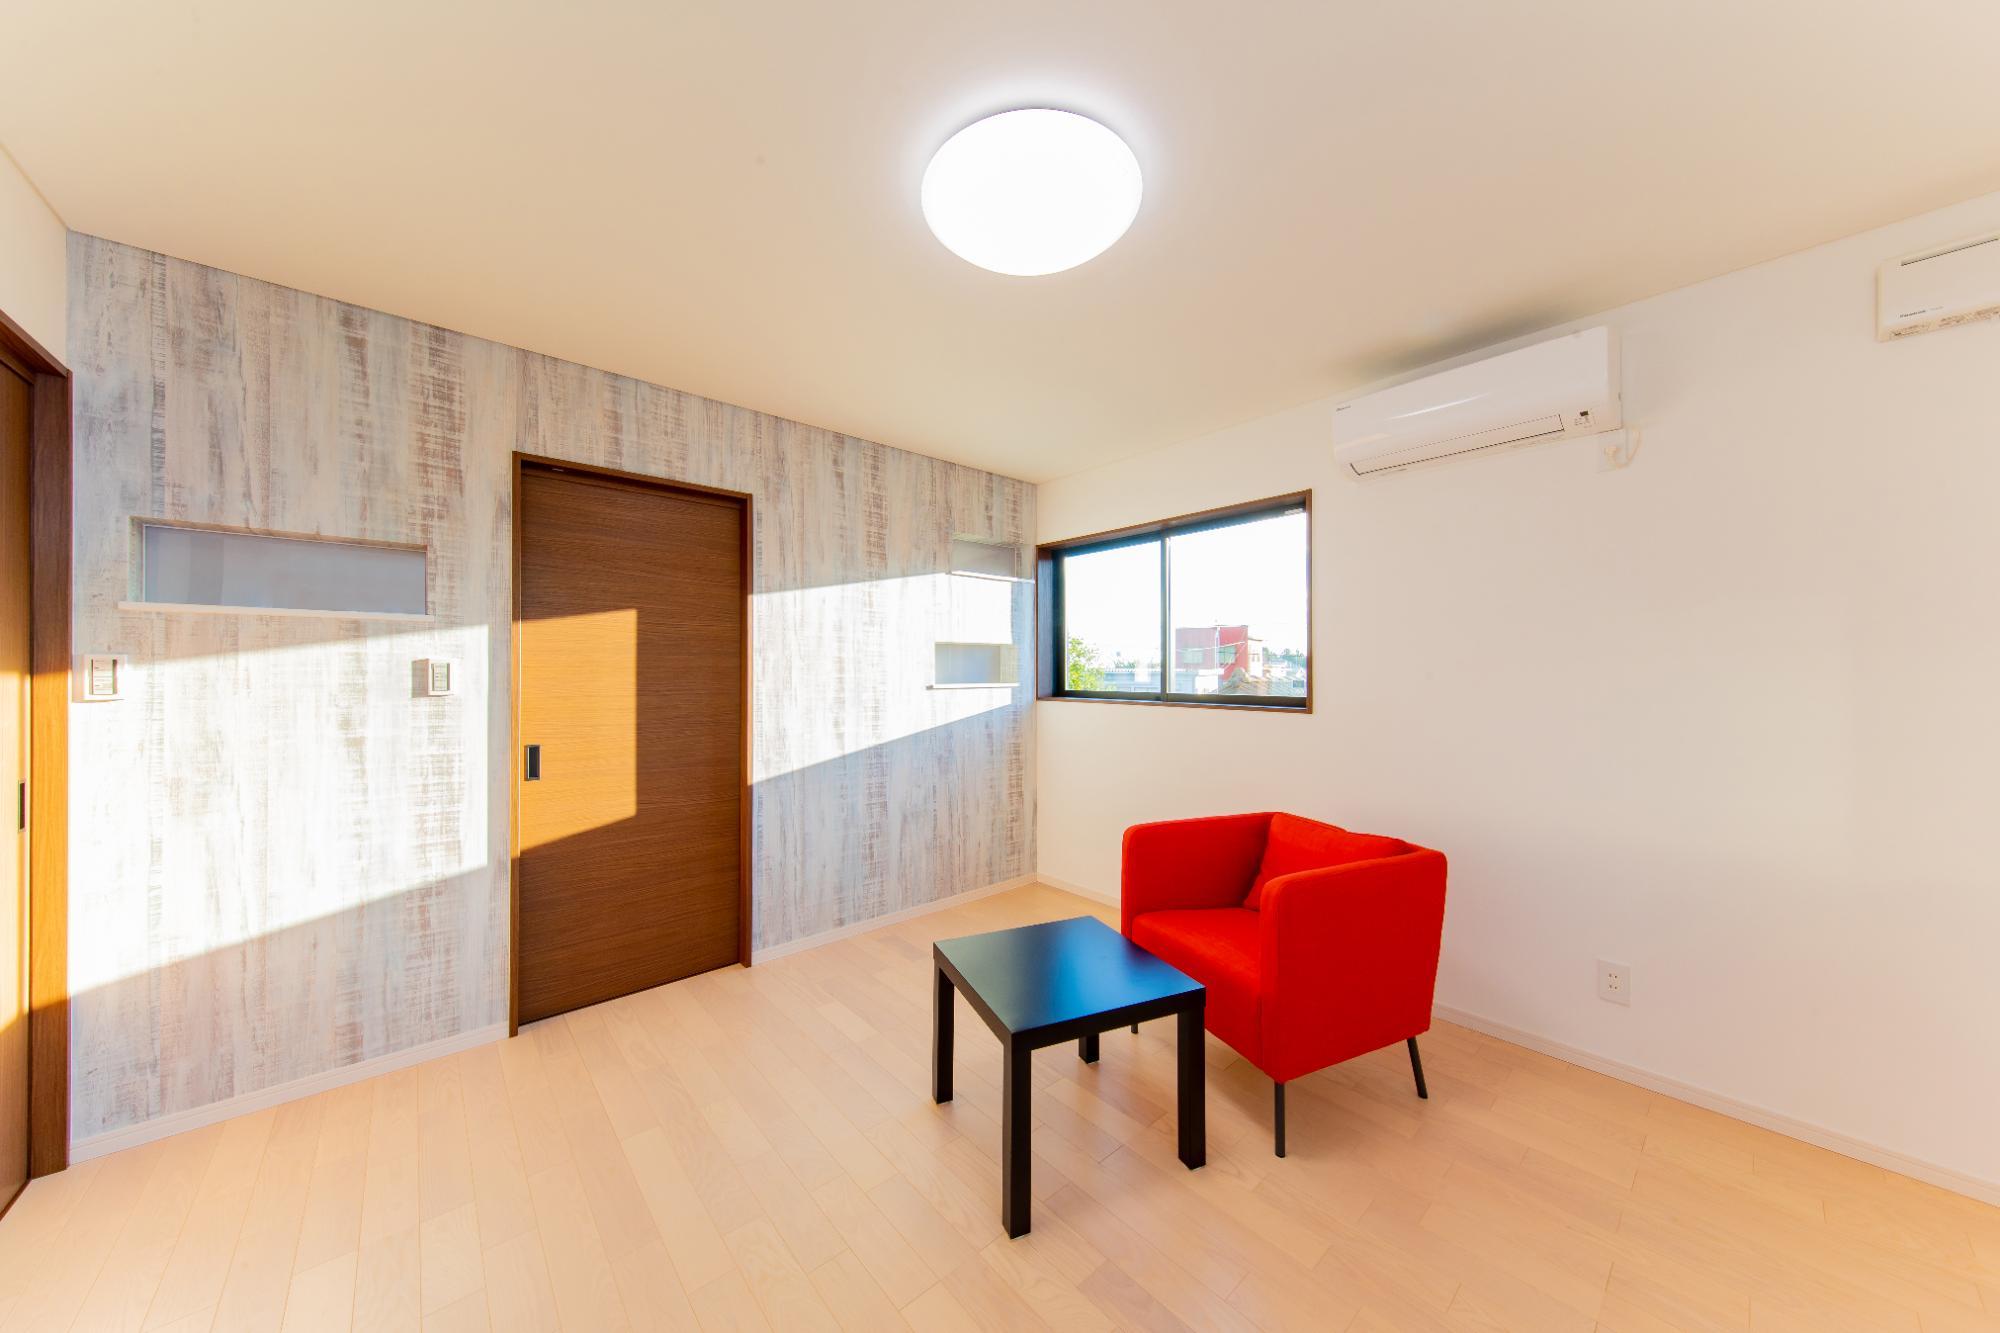 住み継げる住まいの提案 archi laboコンセプトハウスの写真13